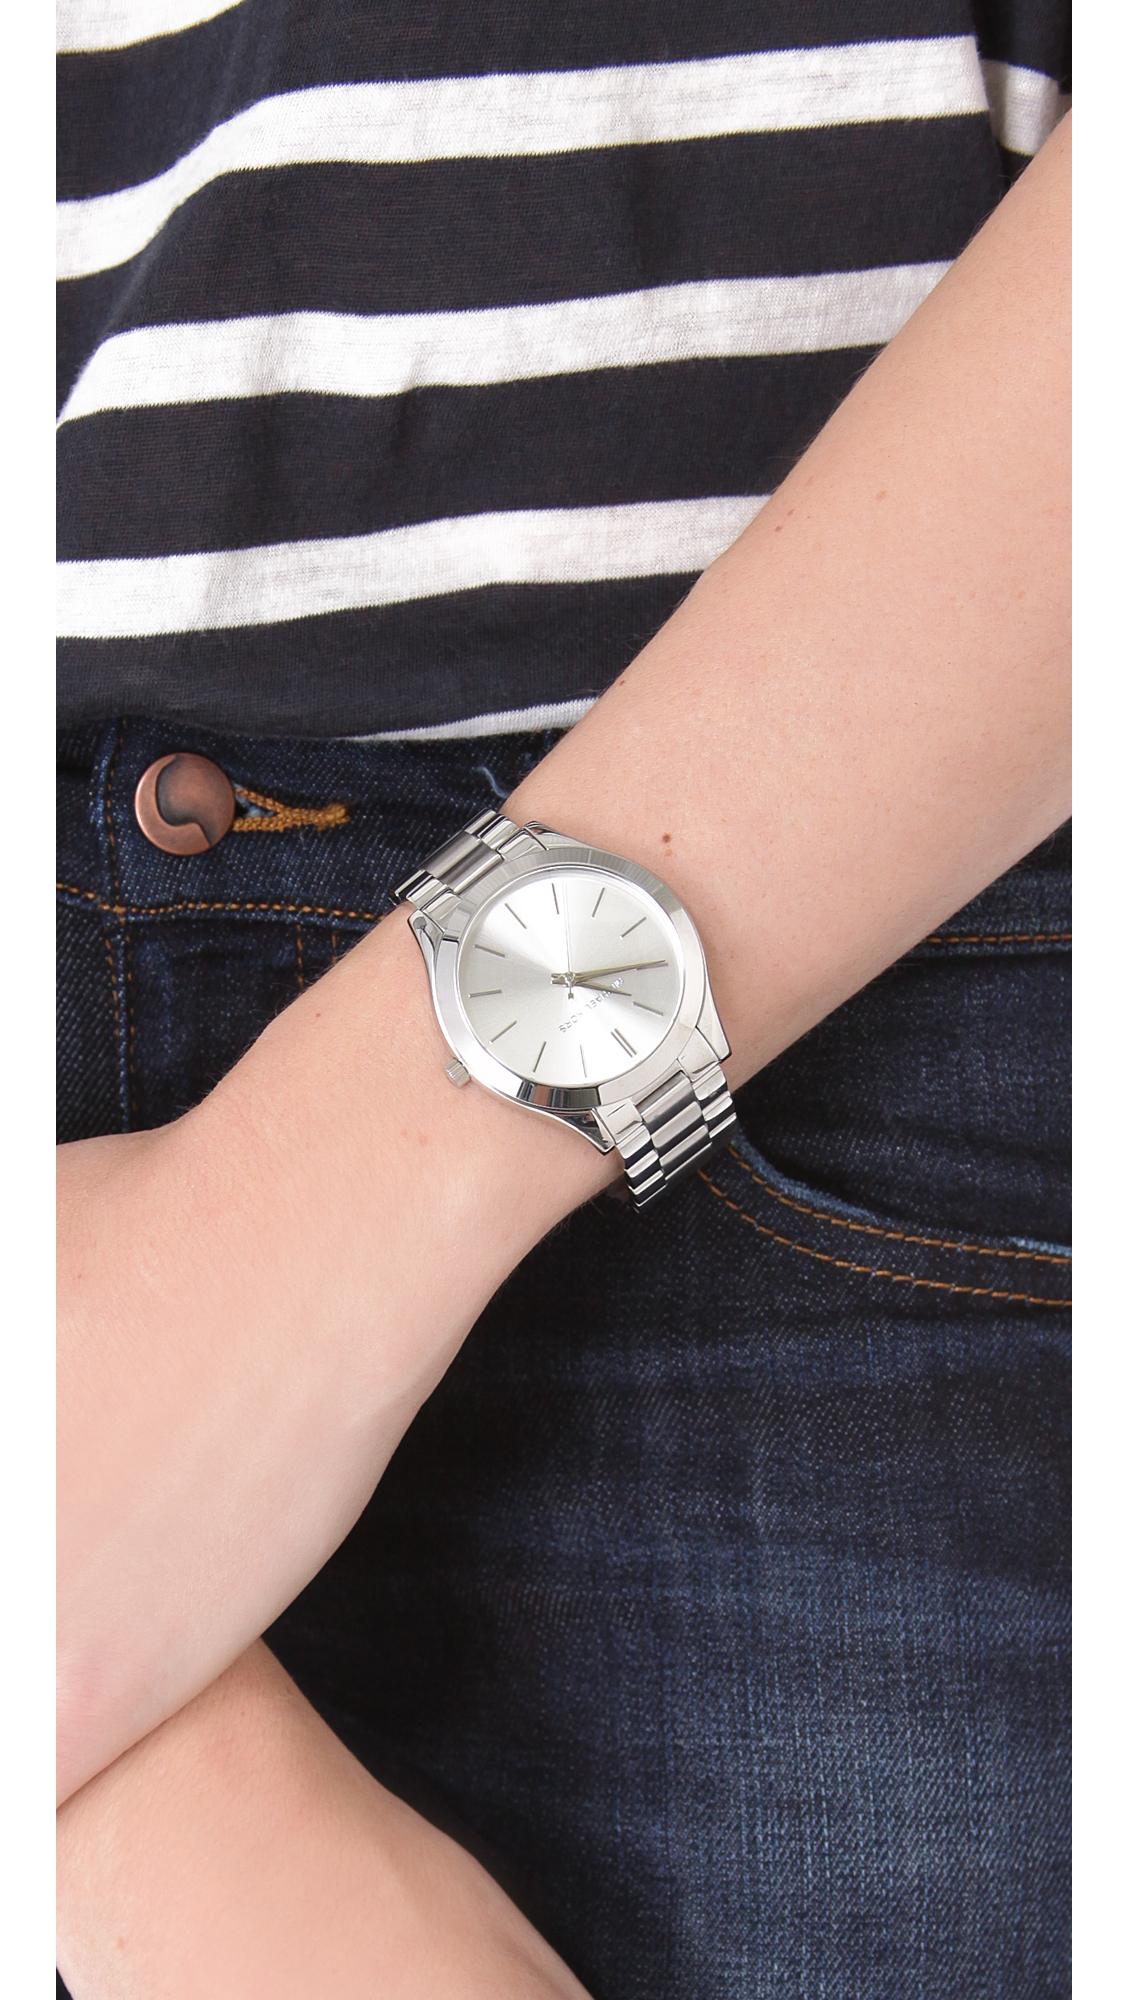 ed533974945f Lyst - Michael Kors Slim Runway Watch in Metallic